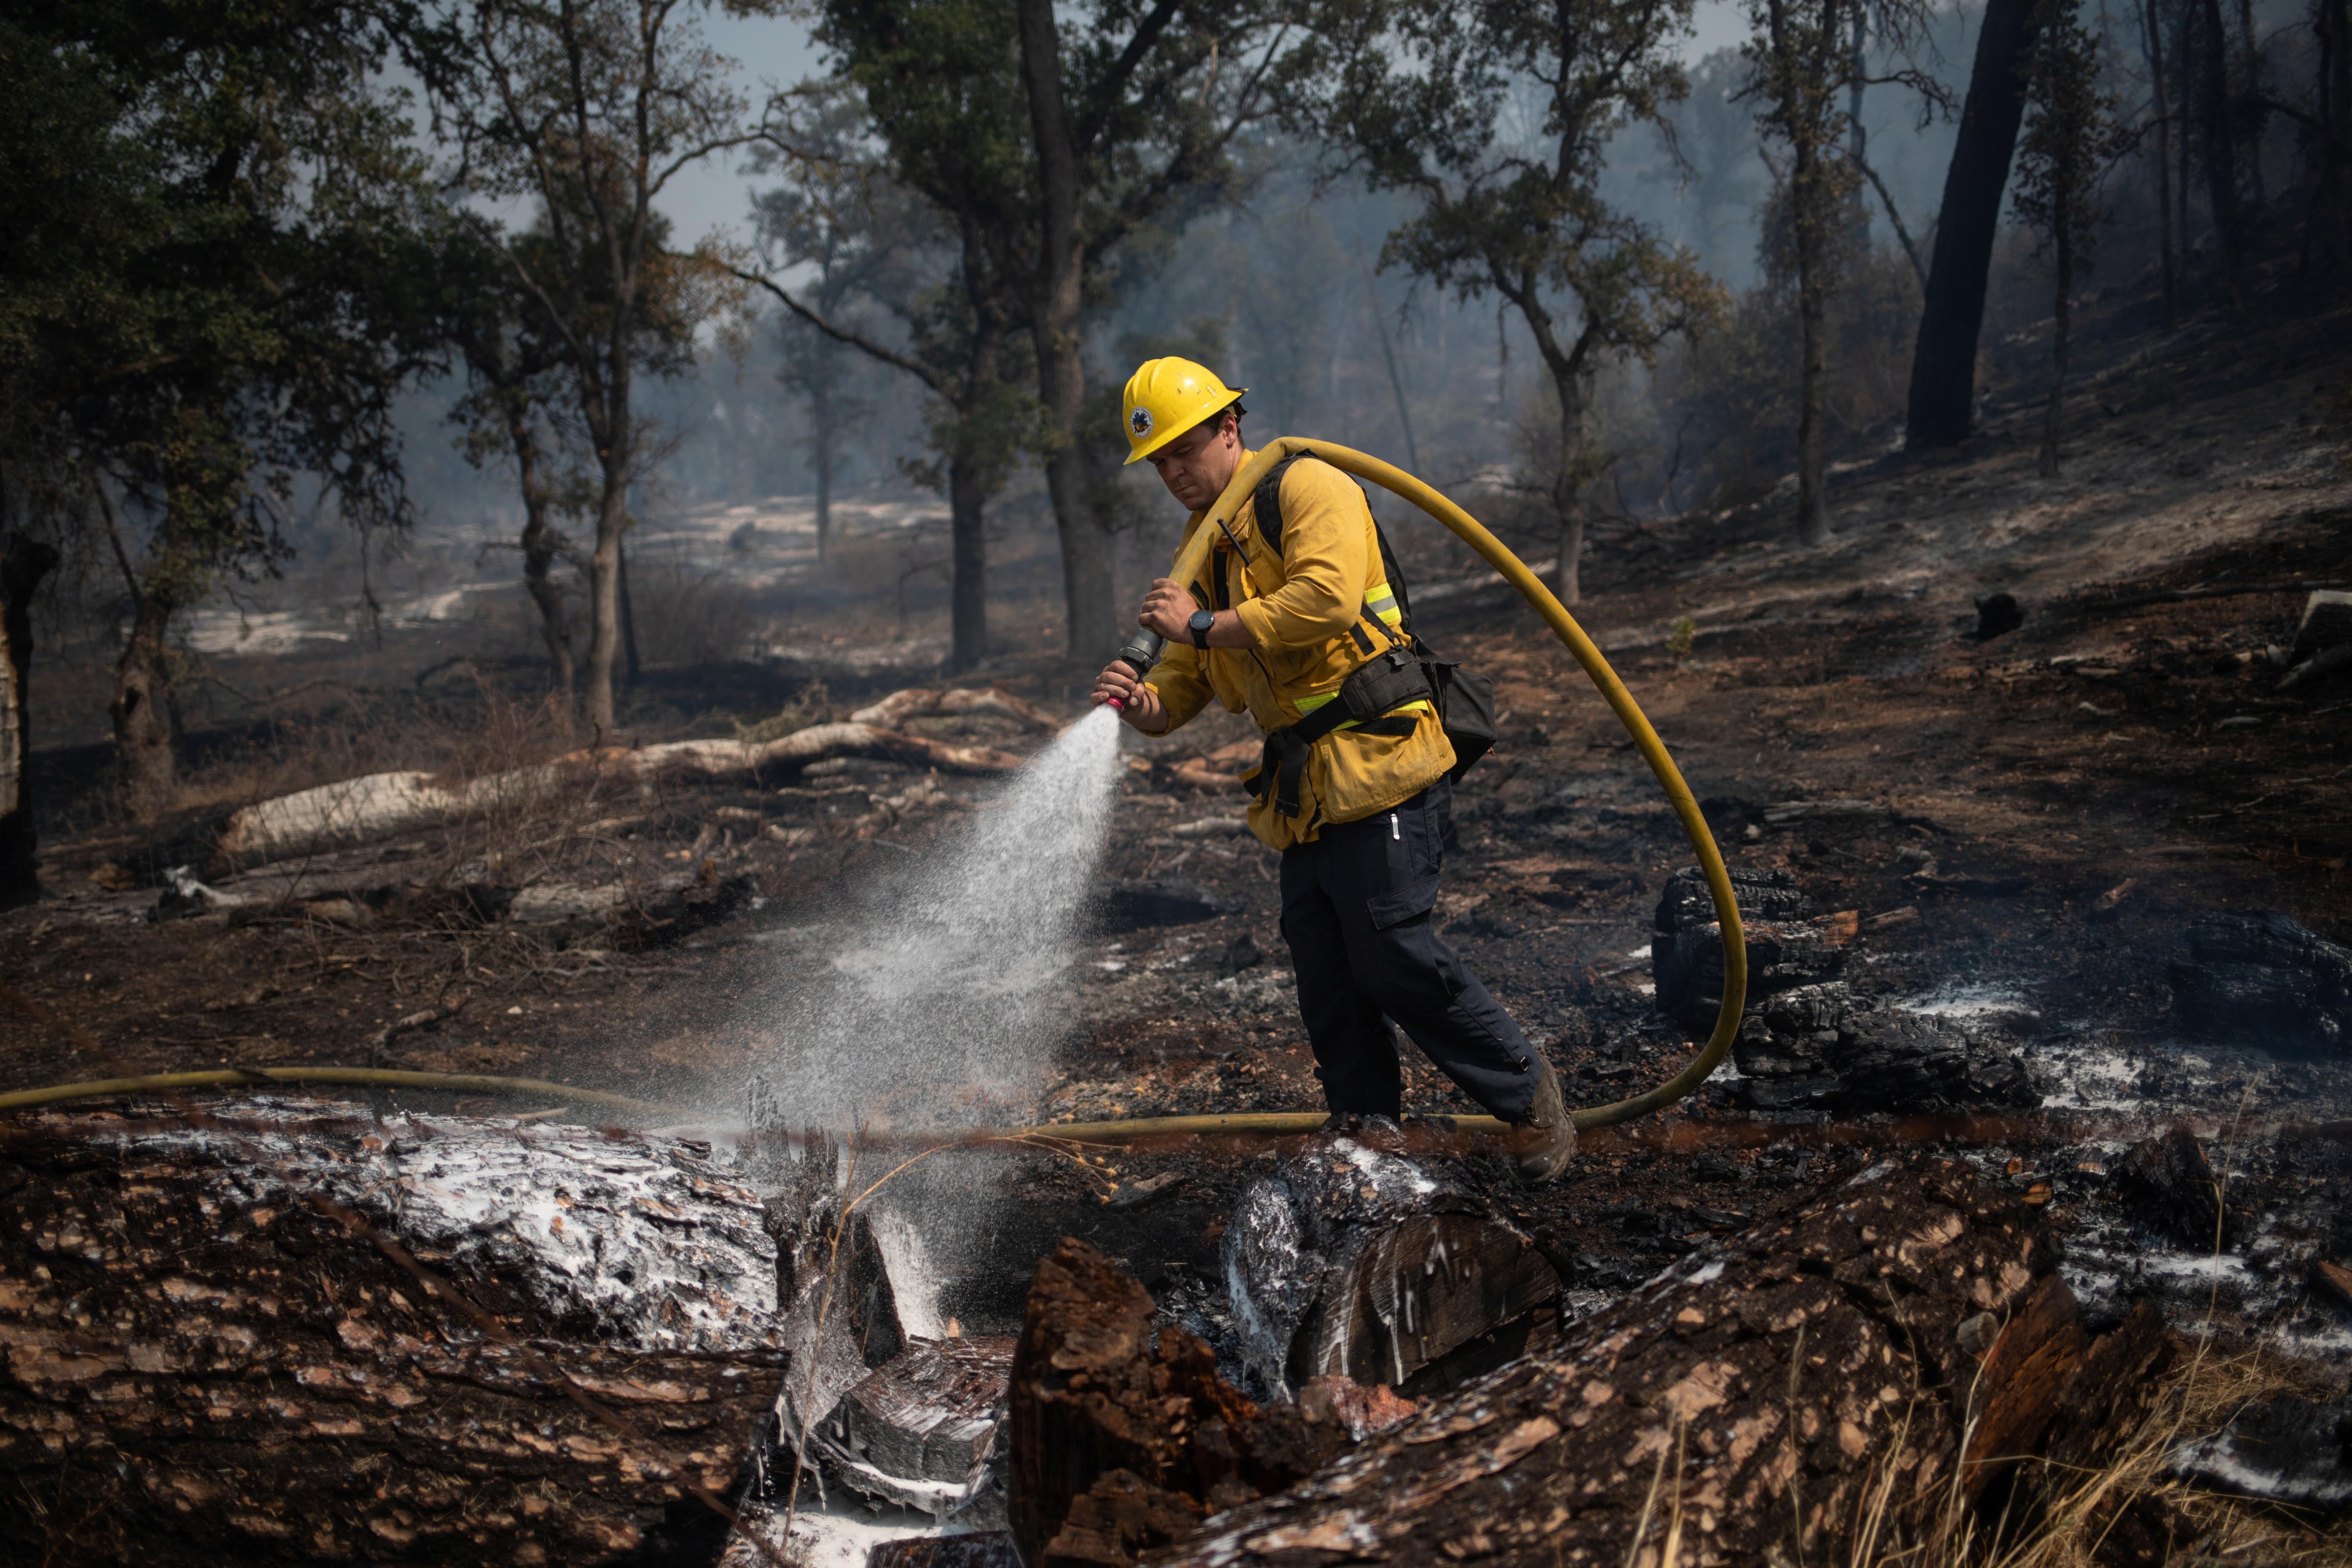 En total, casi un millón de acres han sido ennegrecidos, según Cal Fire.